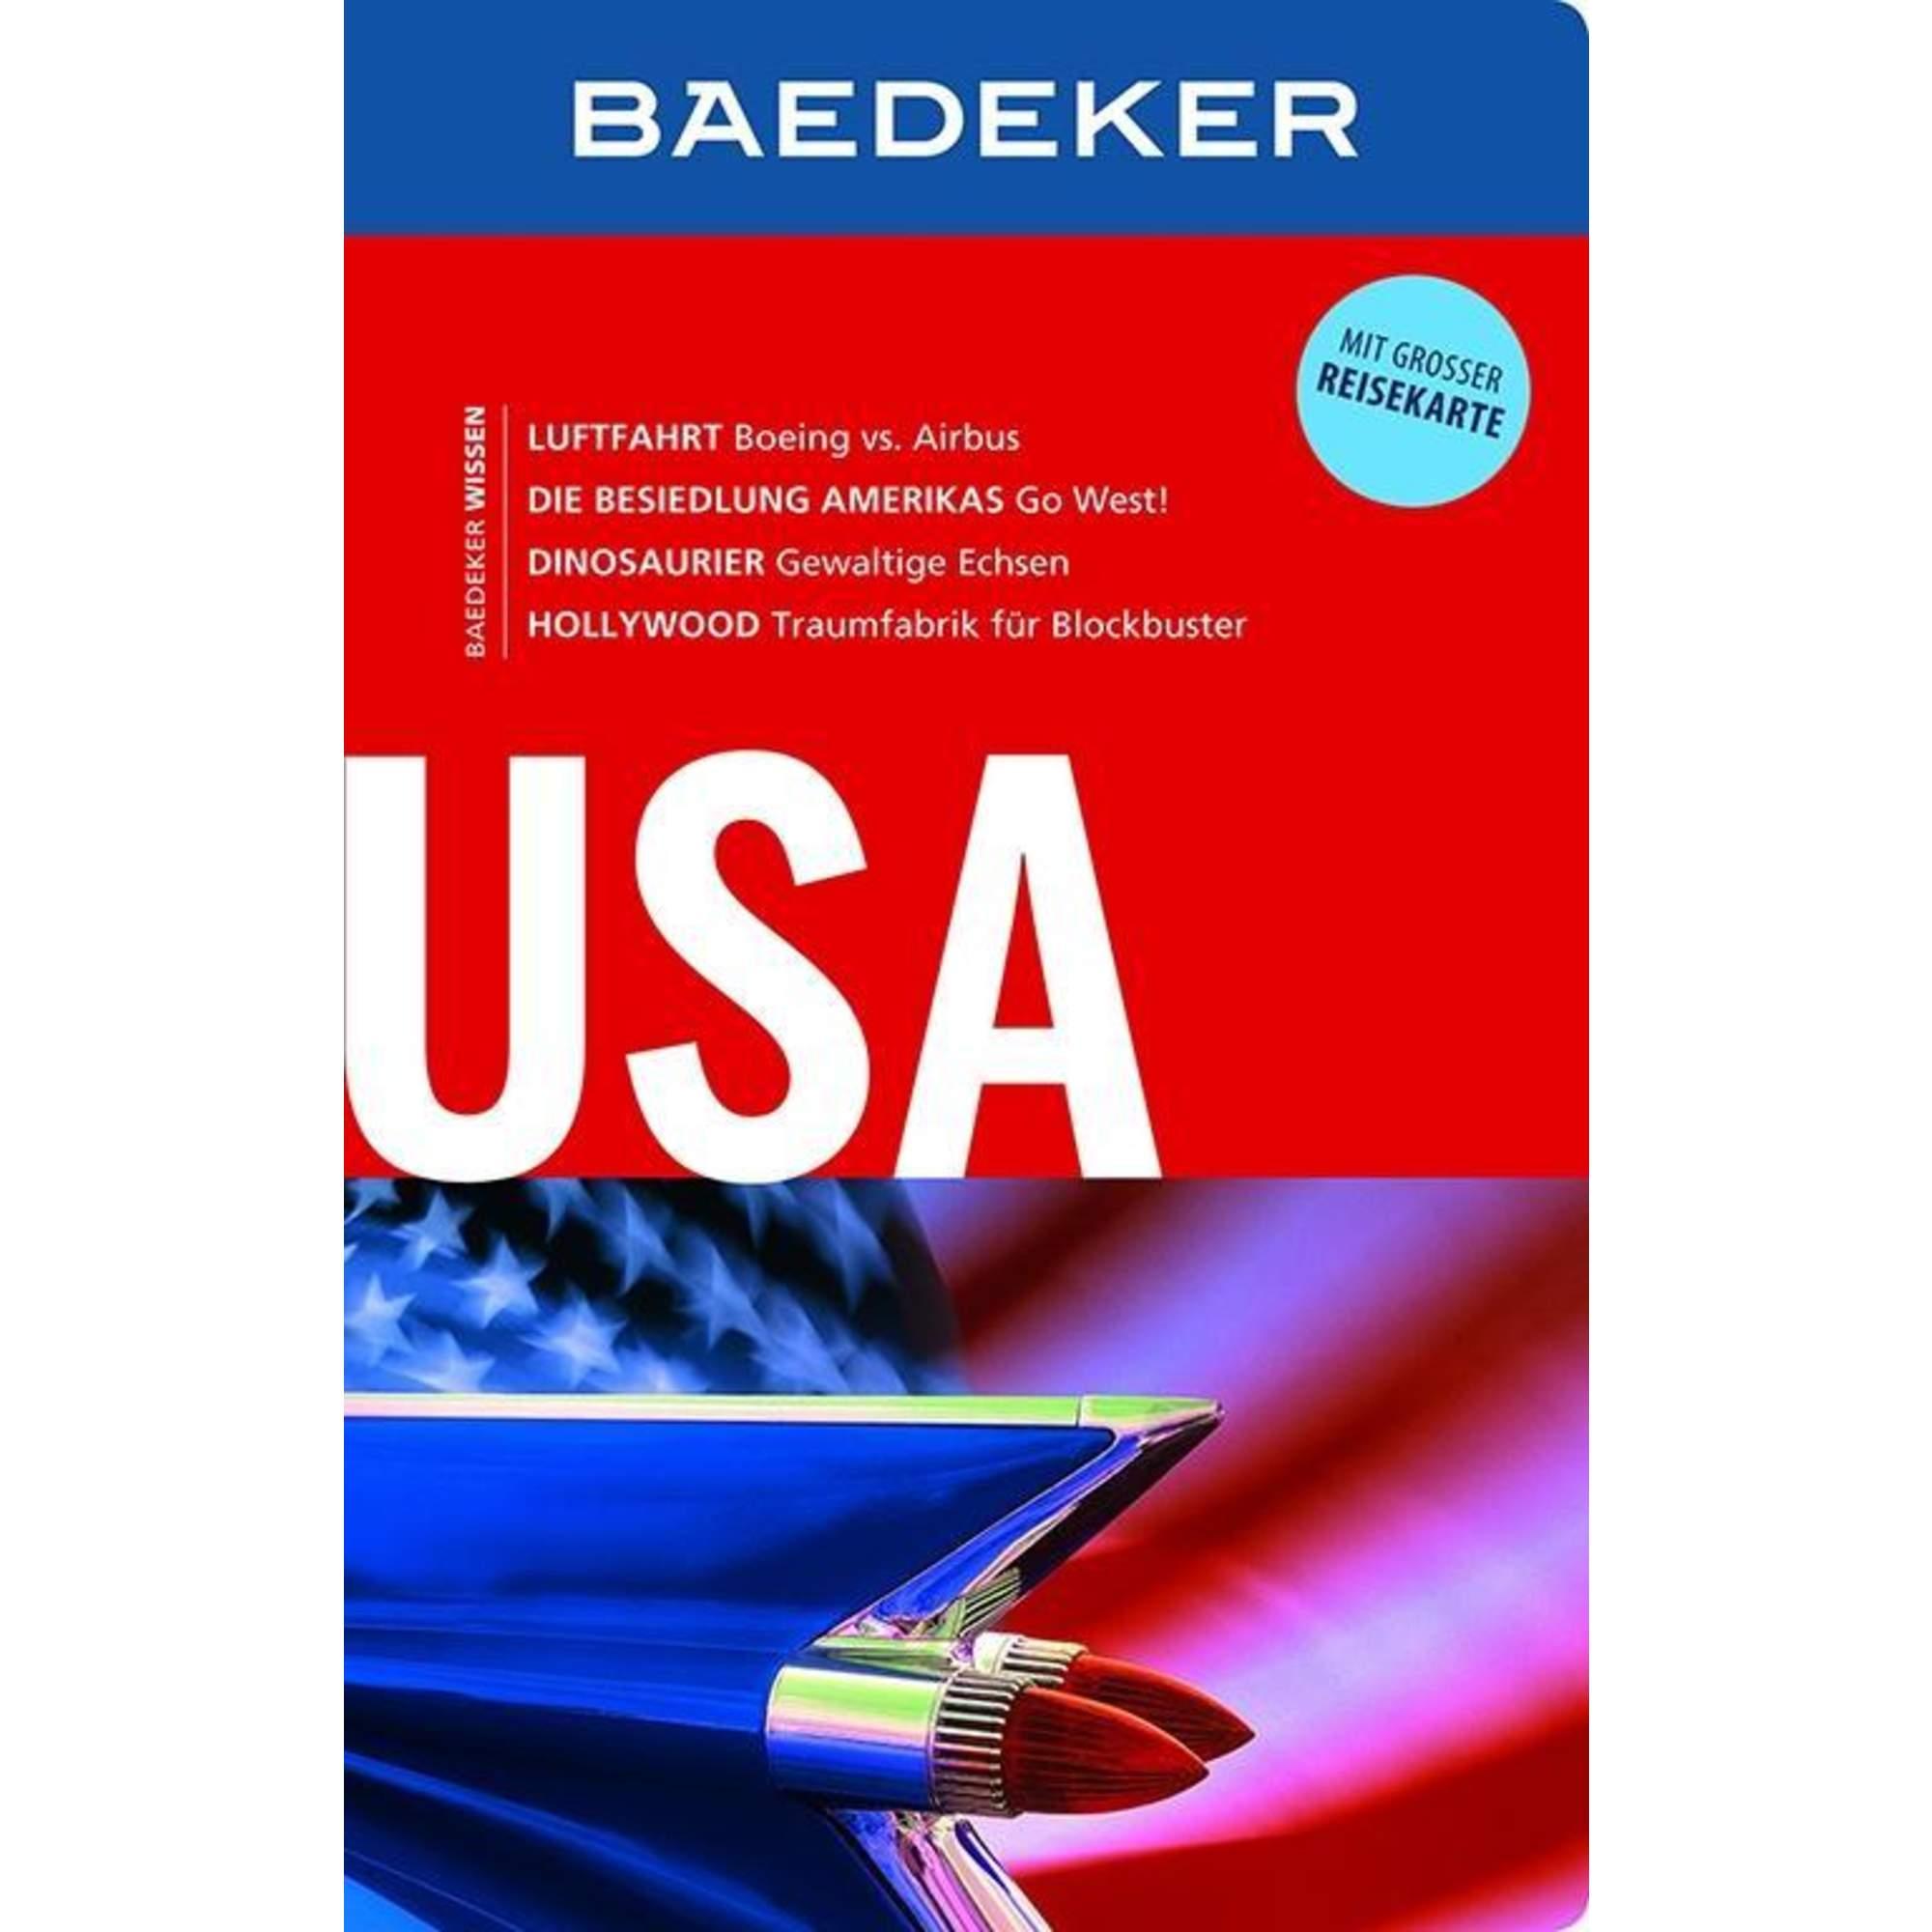 Baedeker Reiseführer USA, 28,99 Euro